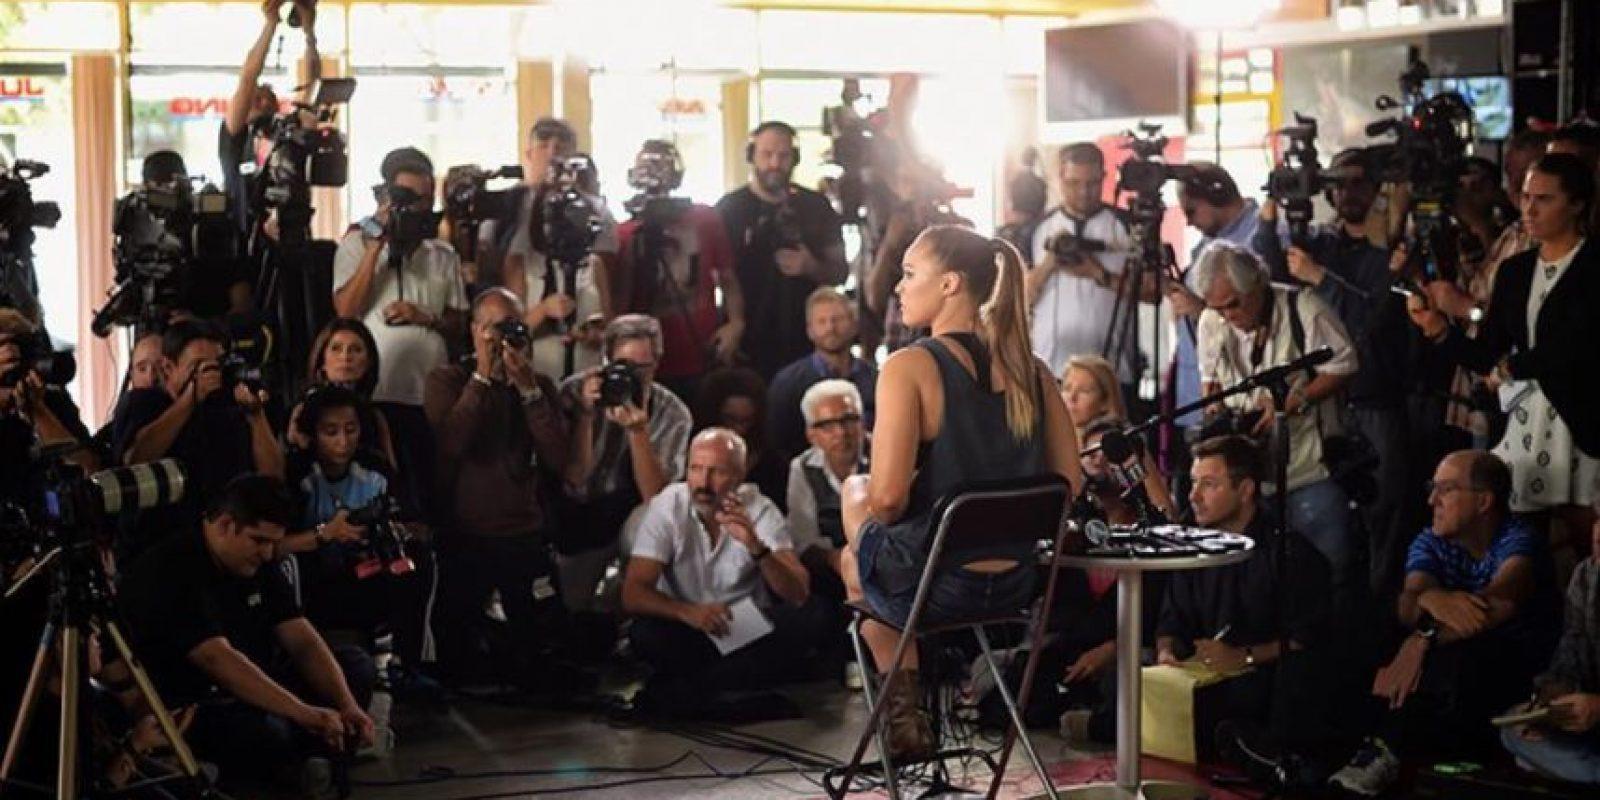 Miren las últimas imágenes de las redes sociales de Ronda Rousey, antes de su pelea con Holly Holm Foto:Vía instagram.com/rondarousey